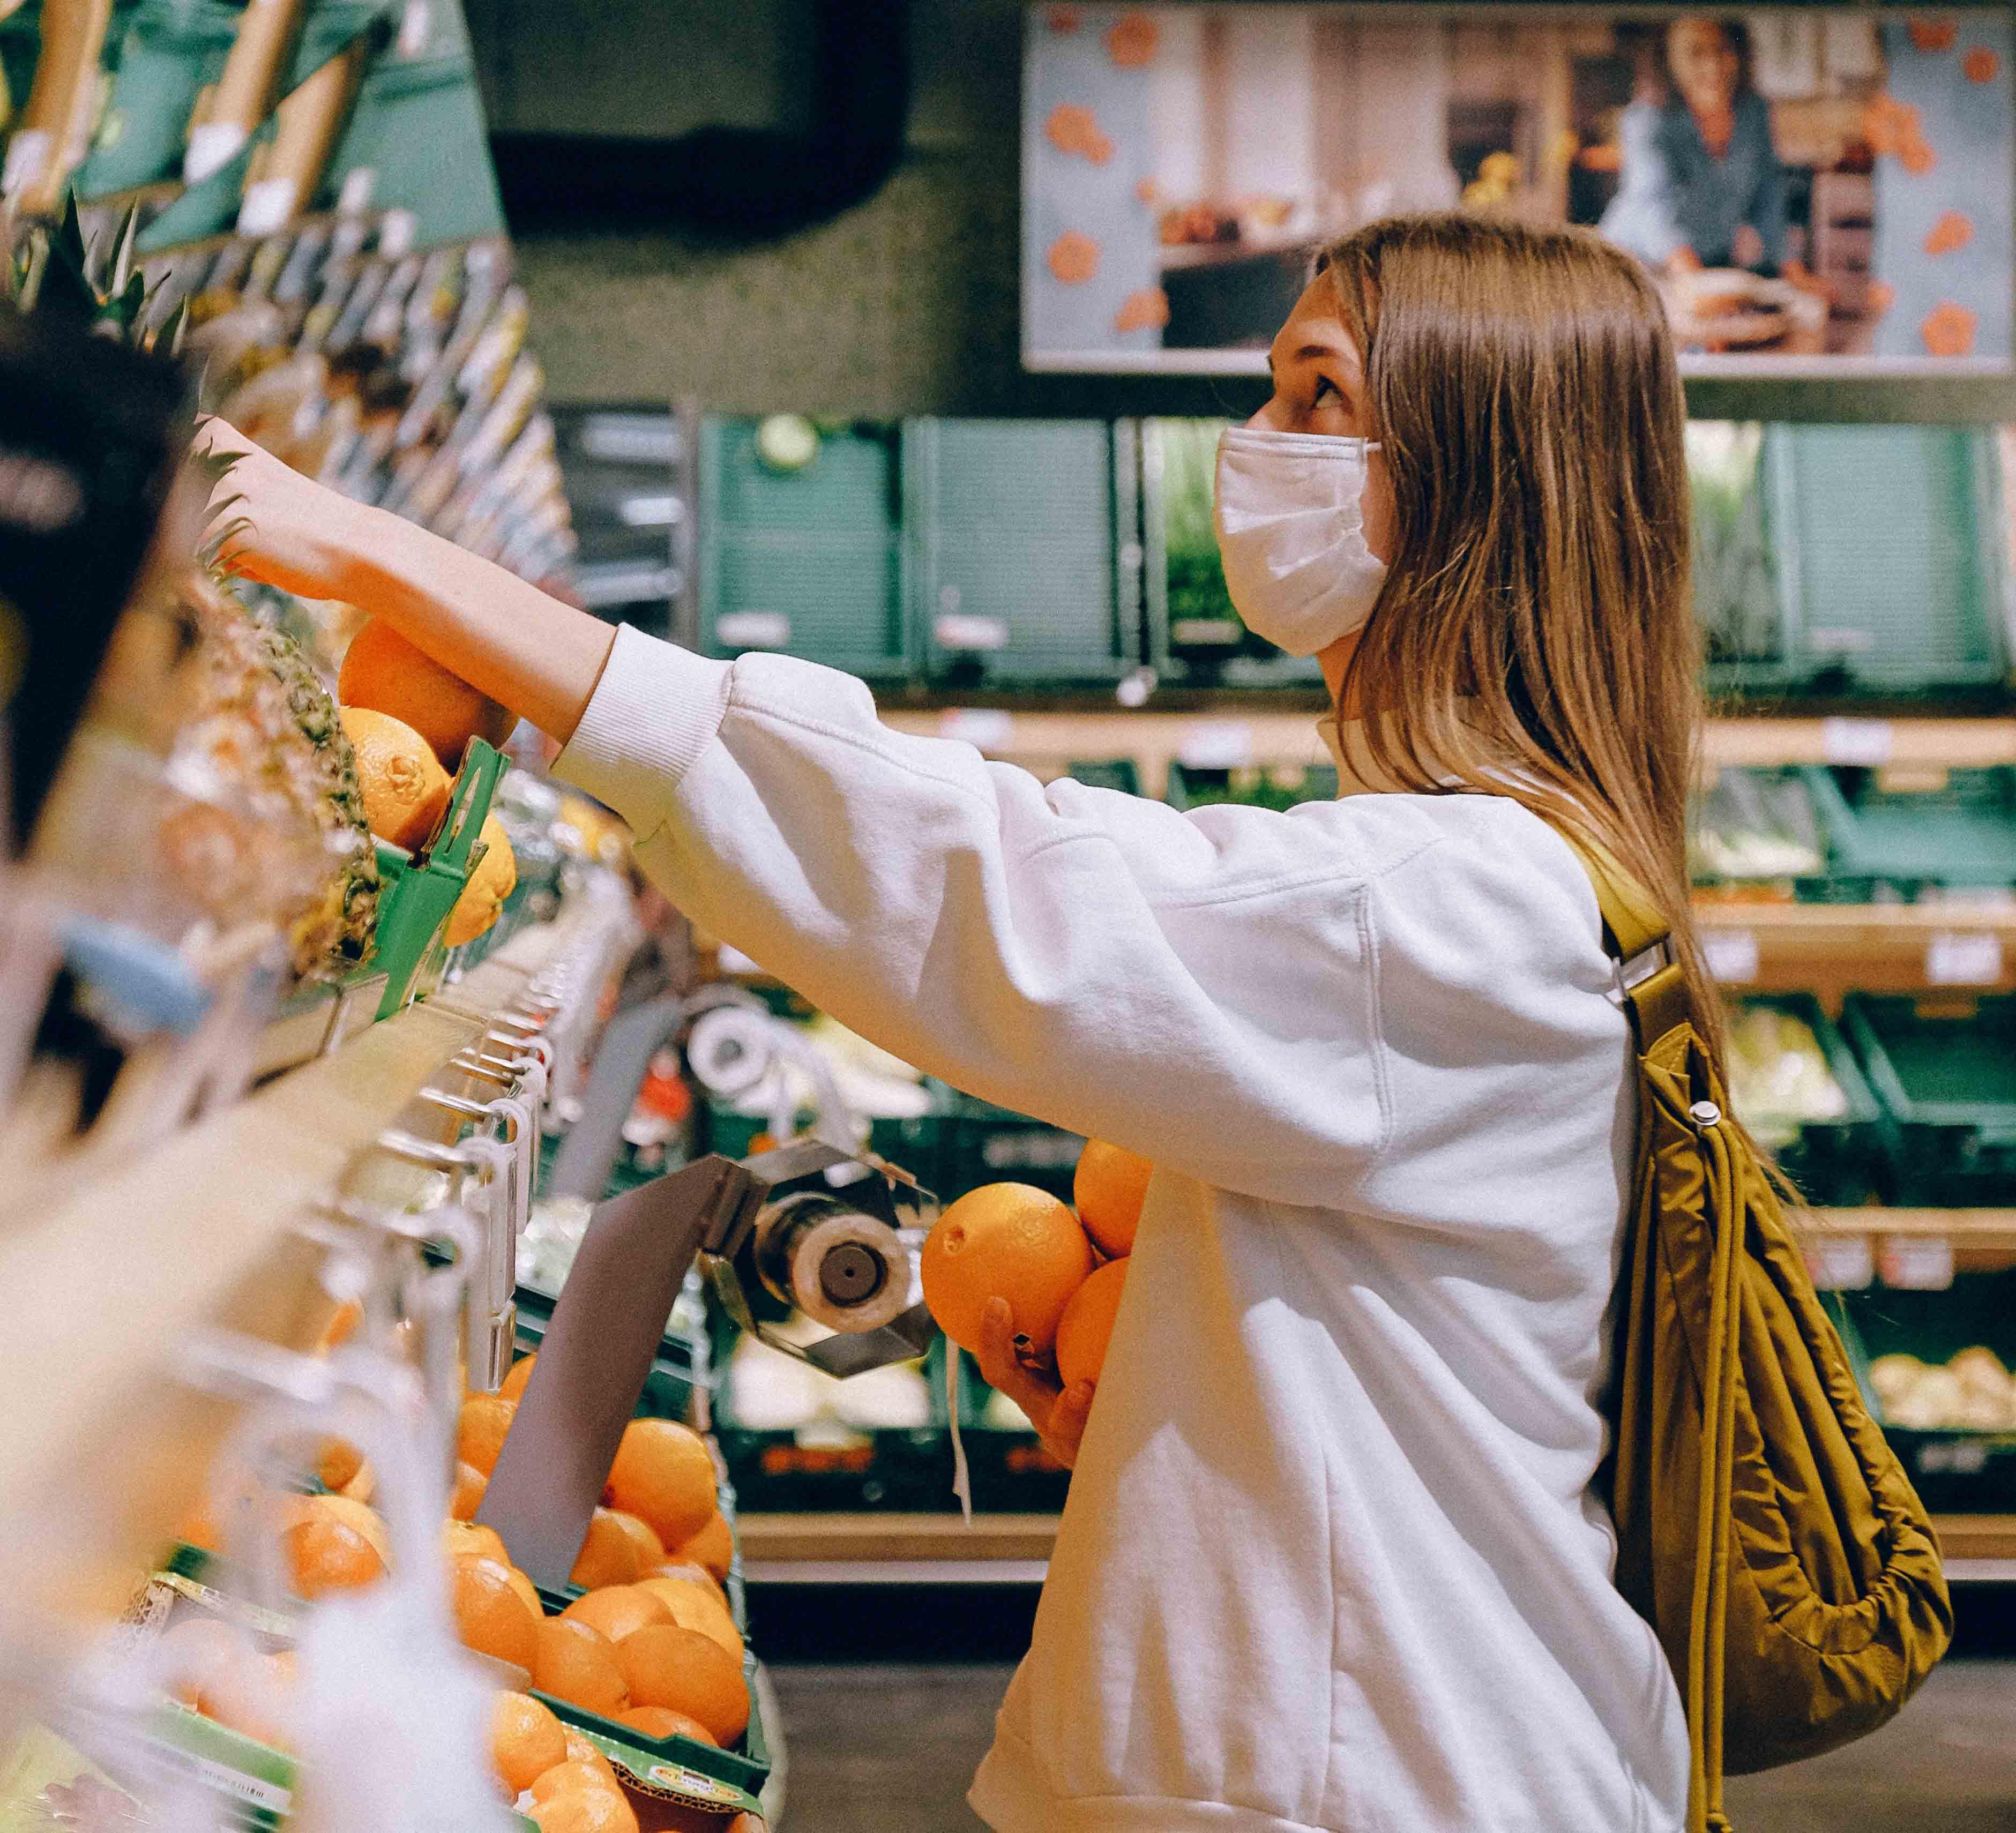 žena-s-rúškou-nakupujúca-v-obchode-kociky.sk